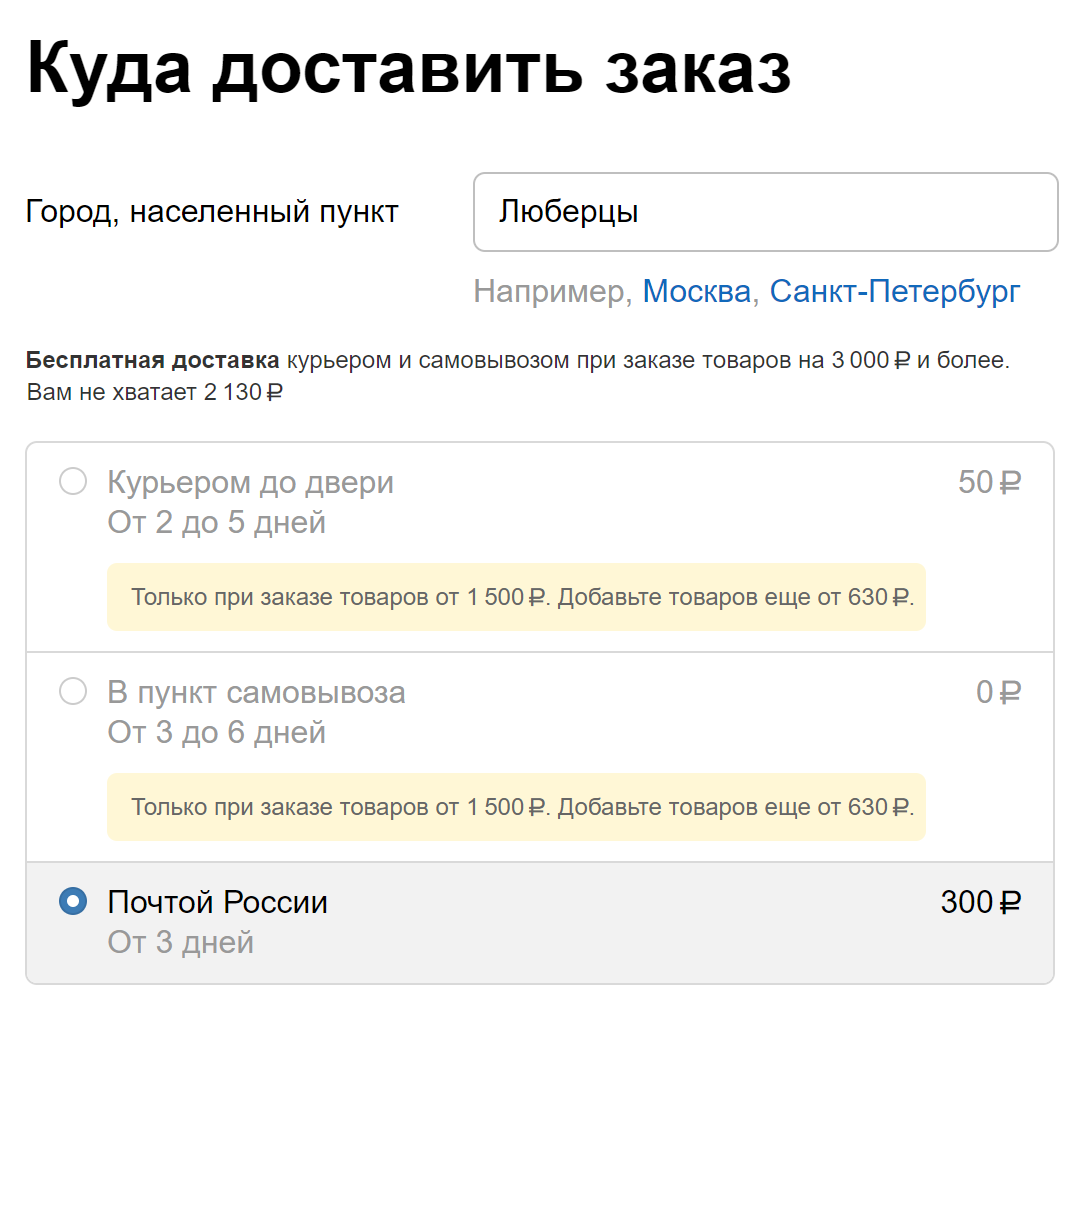 Если заказать в Люберцы на 1500<span class=ruble>Р</span>, придется доплачивать за доставку